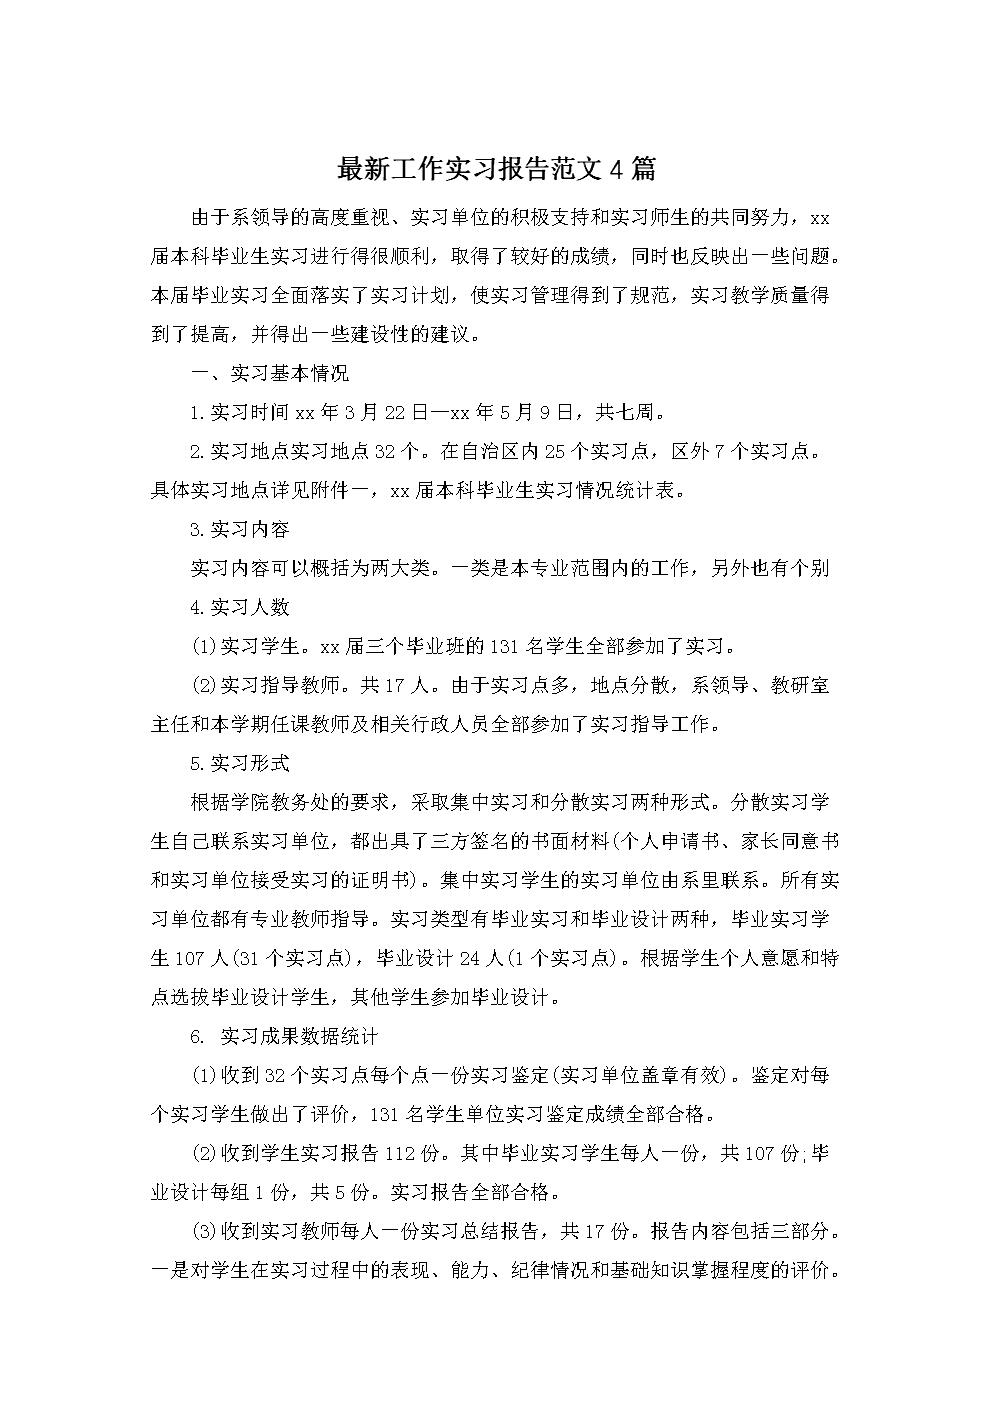 最新工作实习报告范文4篇.doc